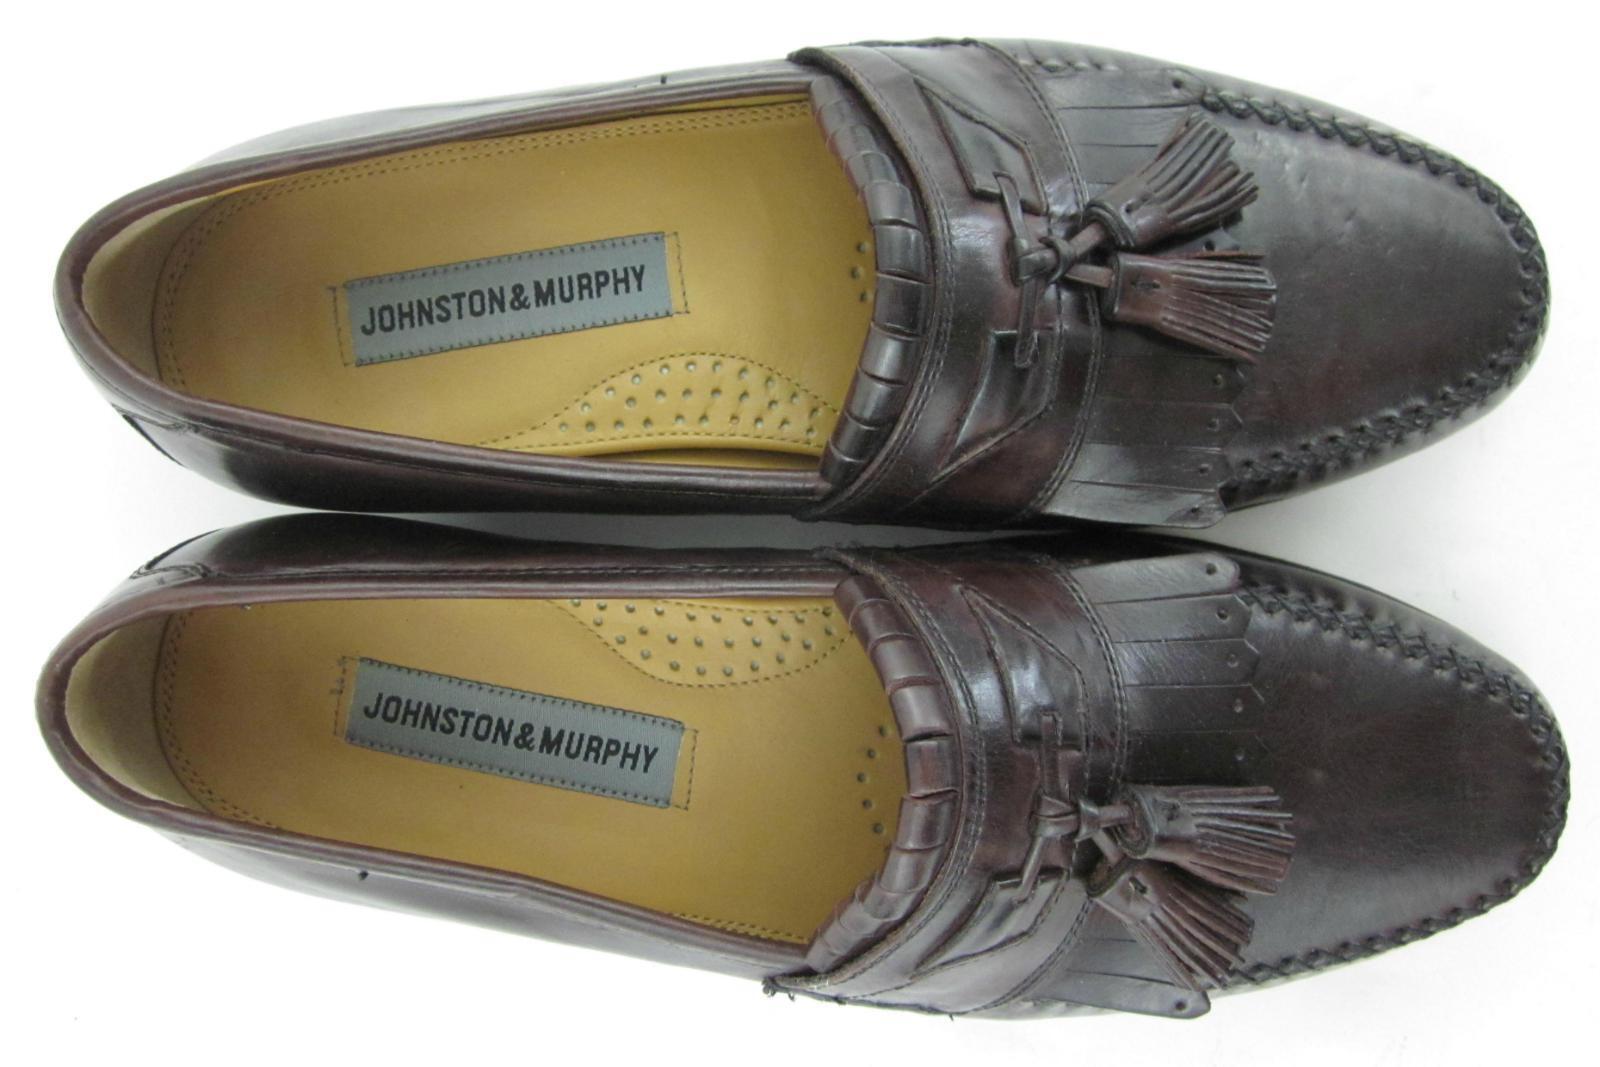 Johnston & Murphy 'Breland' Dark Kiltie Tassel Loafers Dark 'Breland' Burgundy 8.5W WIDE 926d87